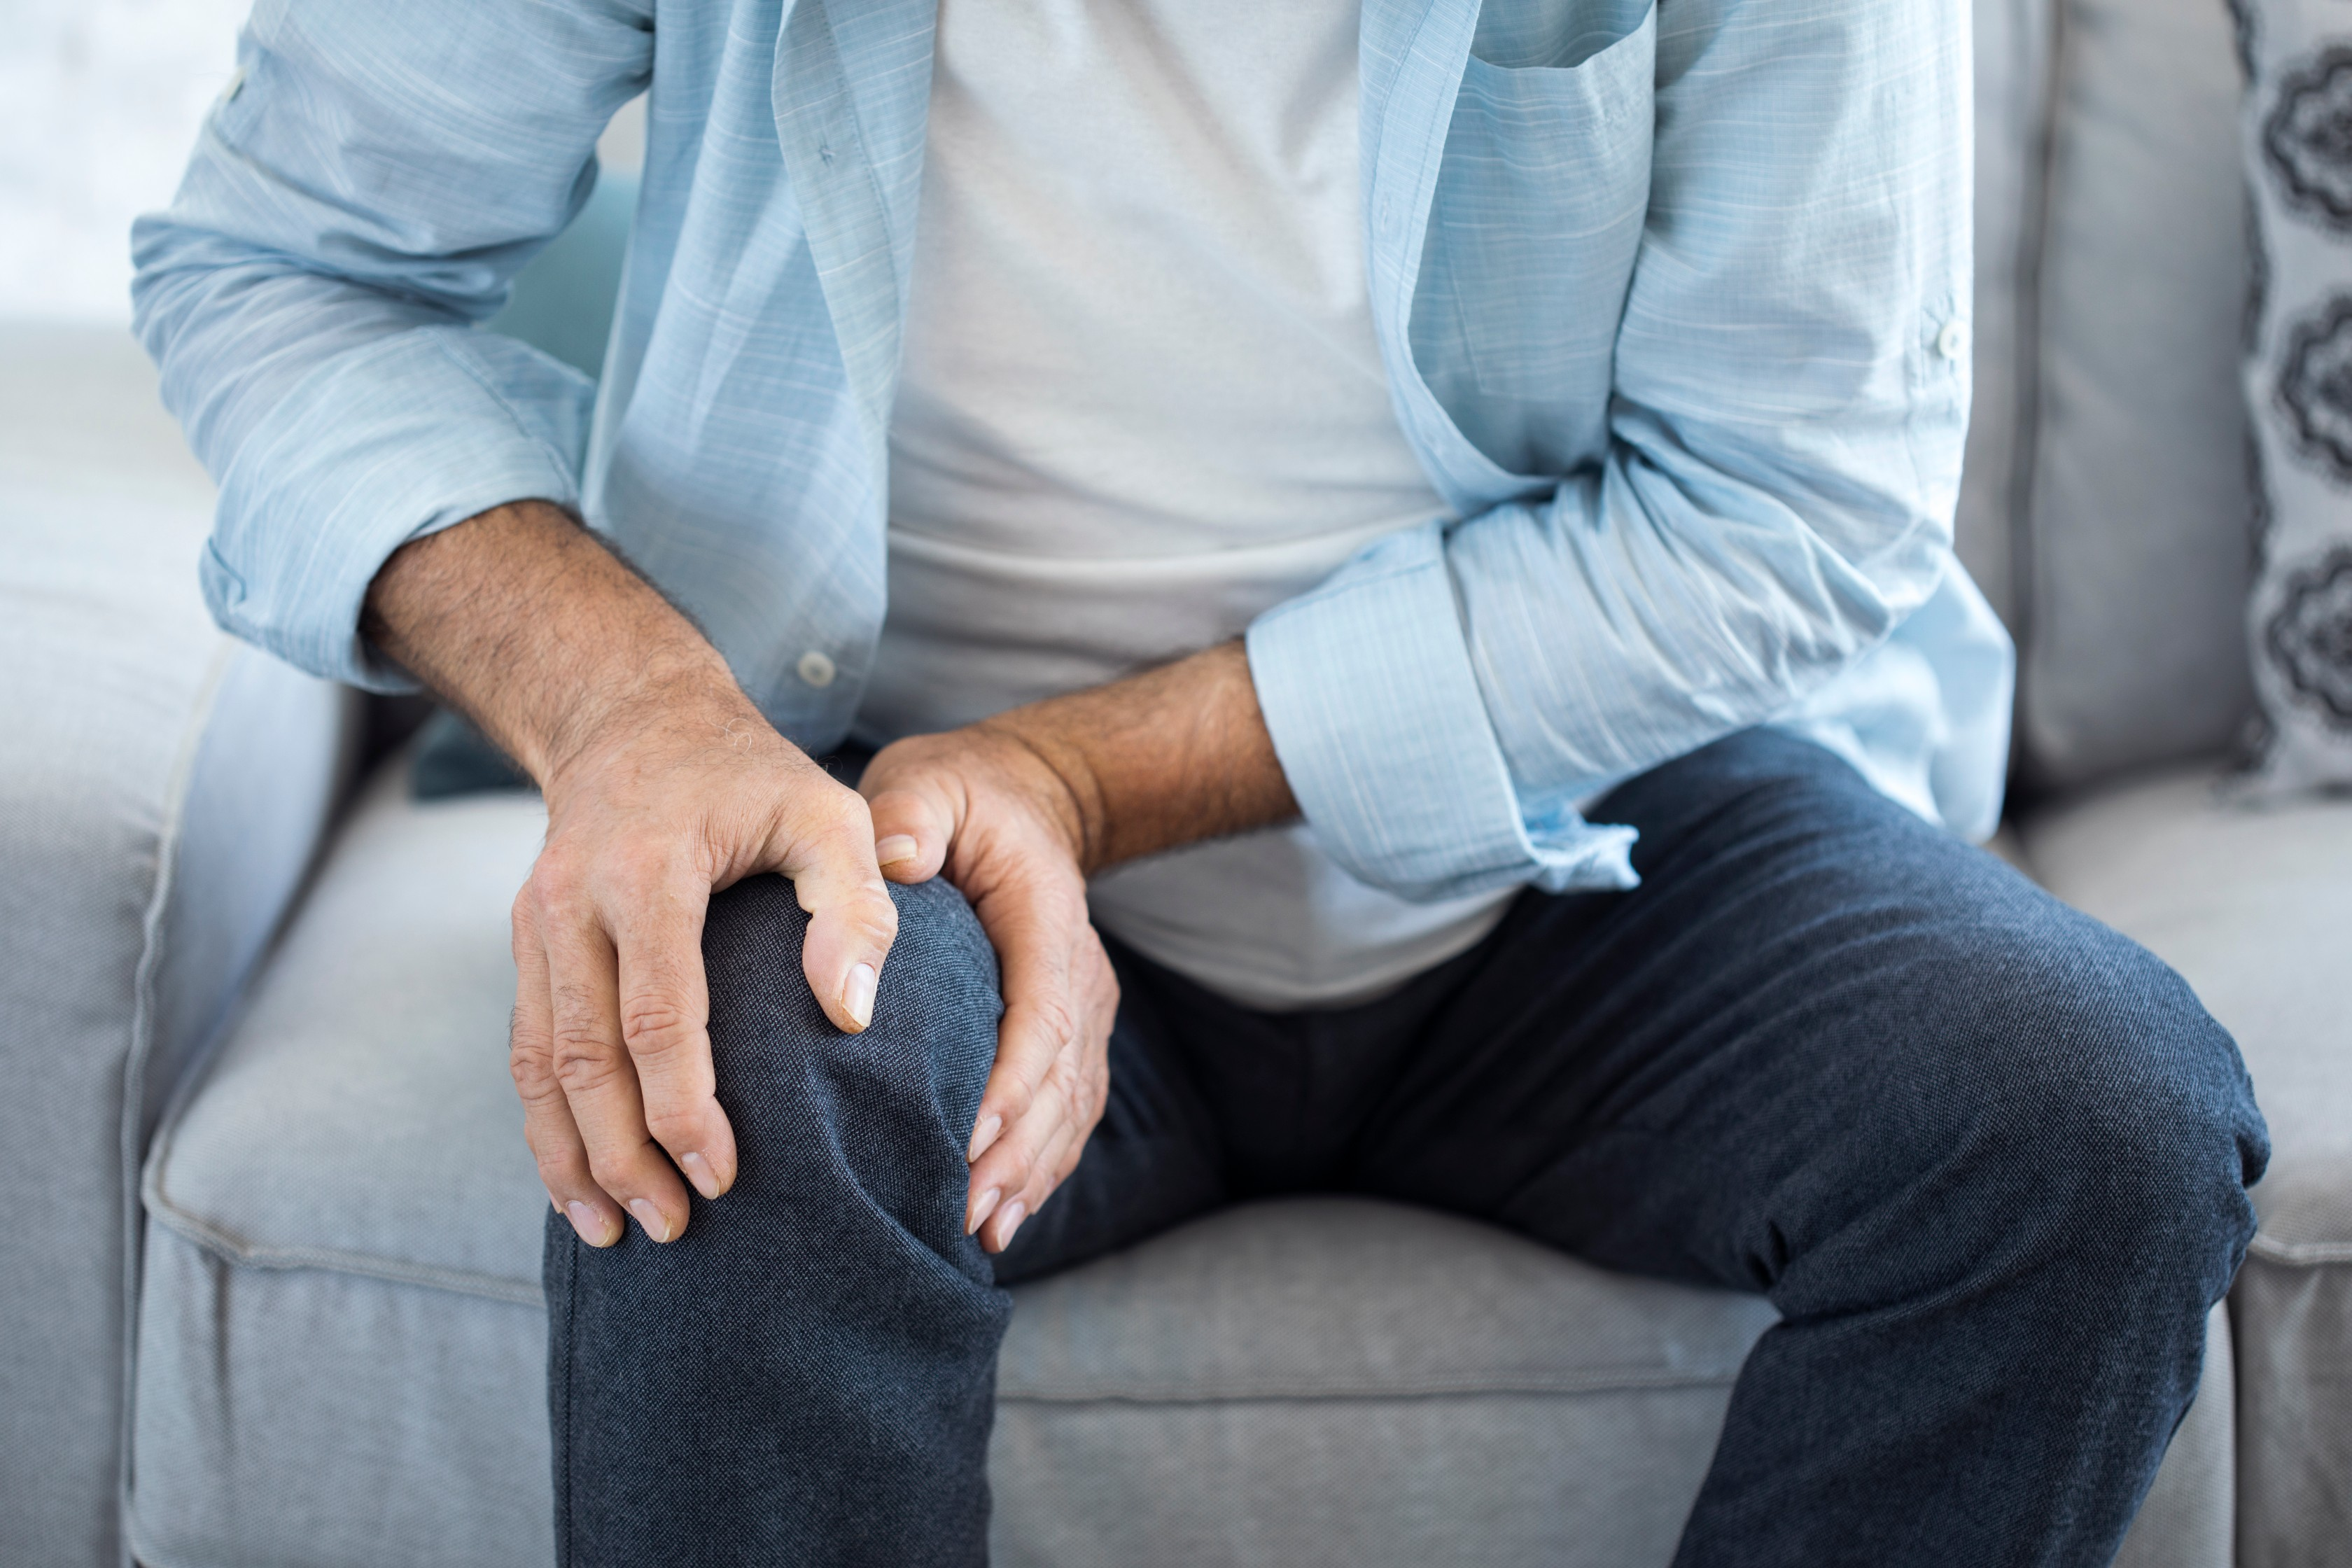 erekció után jelentkező fájdalom a perineumban